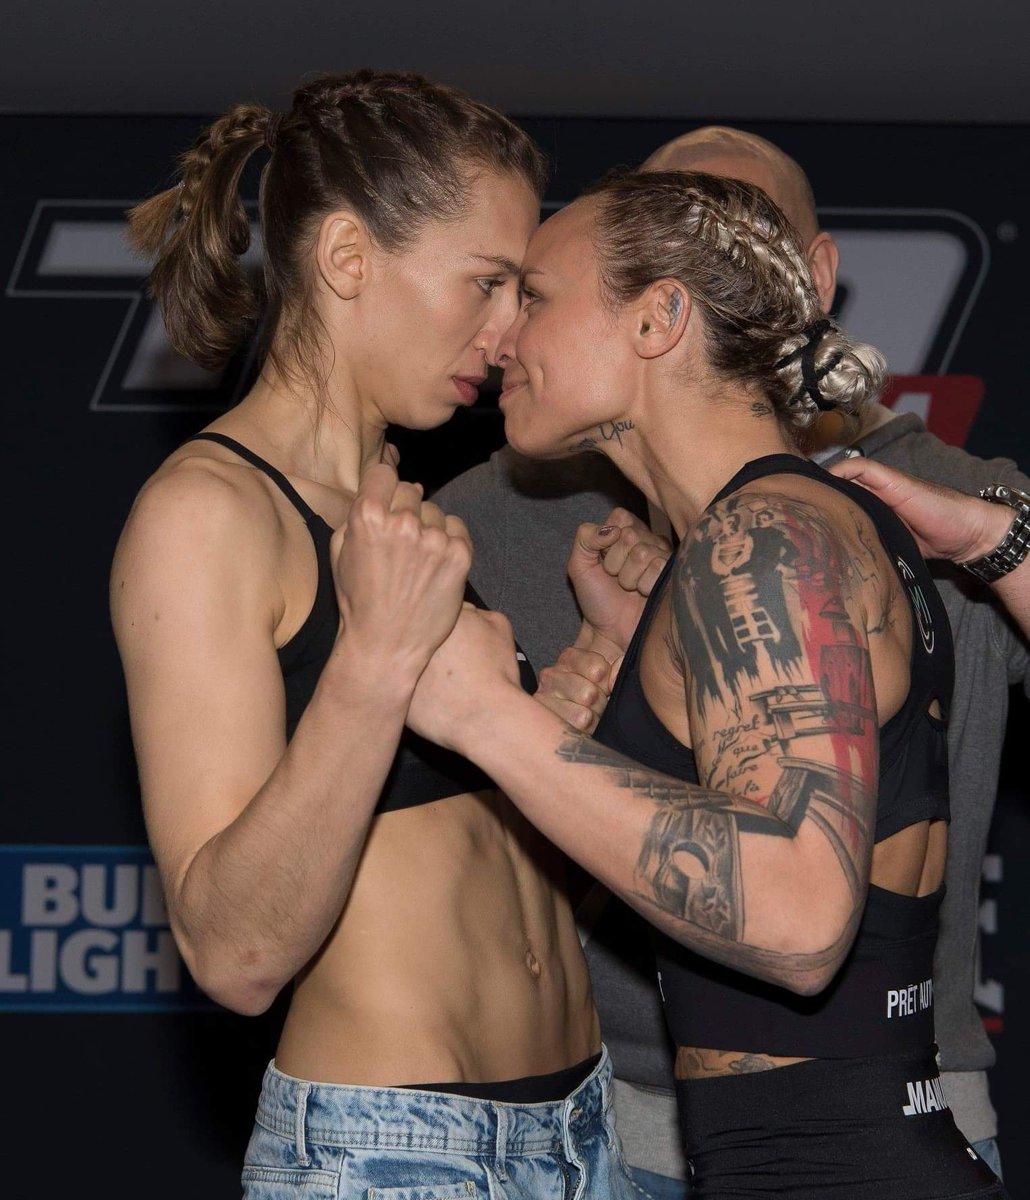 #TKO48 Mandy Bohm (124.4) et Jade Masson-Wong (125) respectent le poids en vue du combat pour le titre inaugural chez les 125 lbs qui aura lieu ce vendredi   - Carte principale des 19h30 (1h30am en France) sur FIGHTNETWORK ET UFC FIGHT PASS et à la radio @919sports